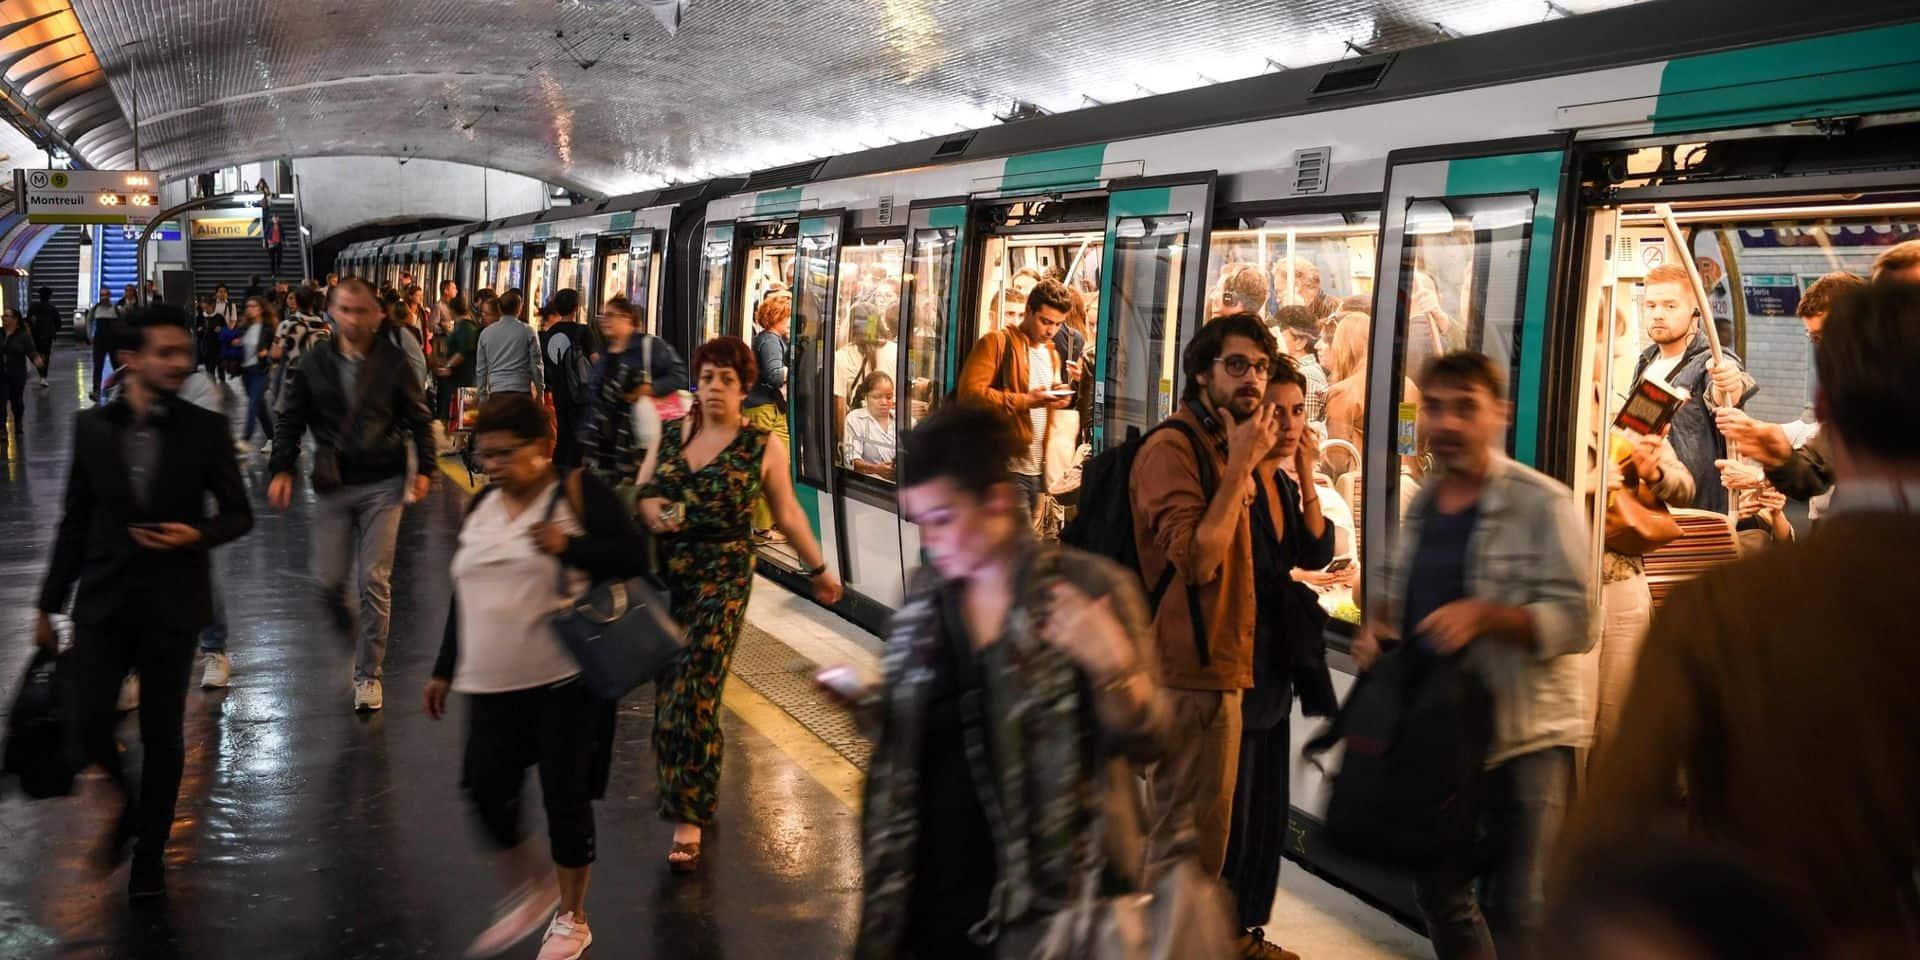 Panique à Paris: un métro traverse à toute vitesse trois stations sans s'arrêter